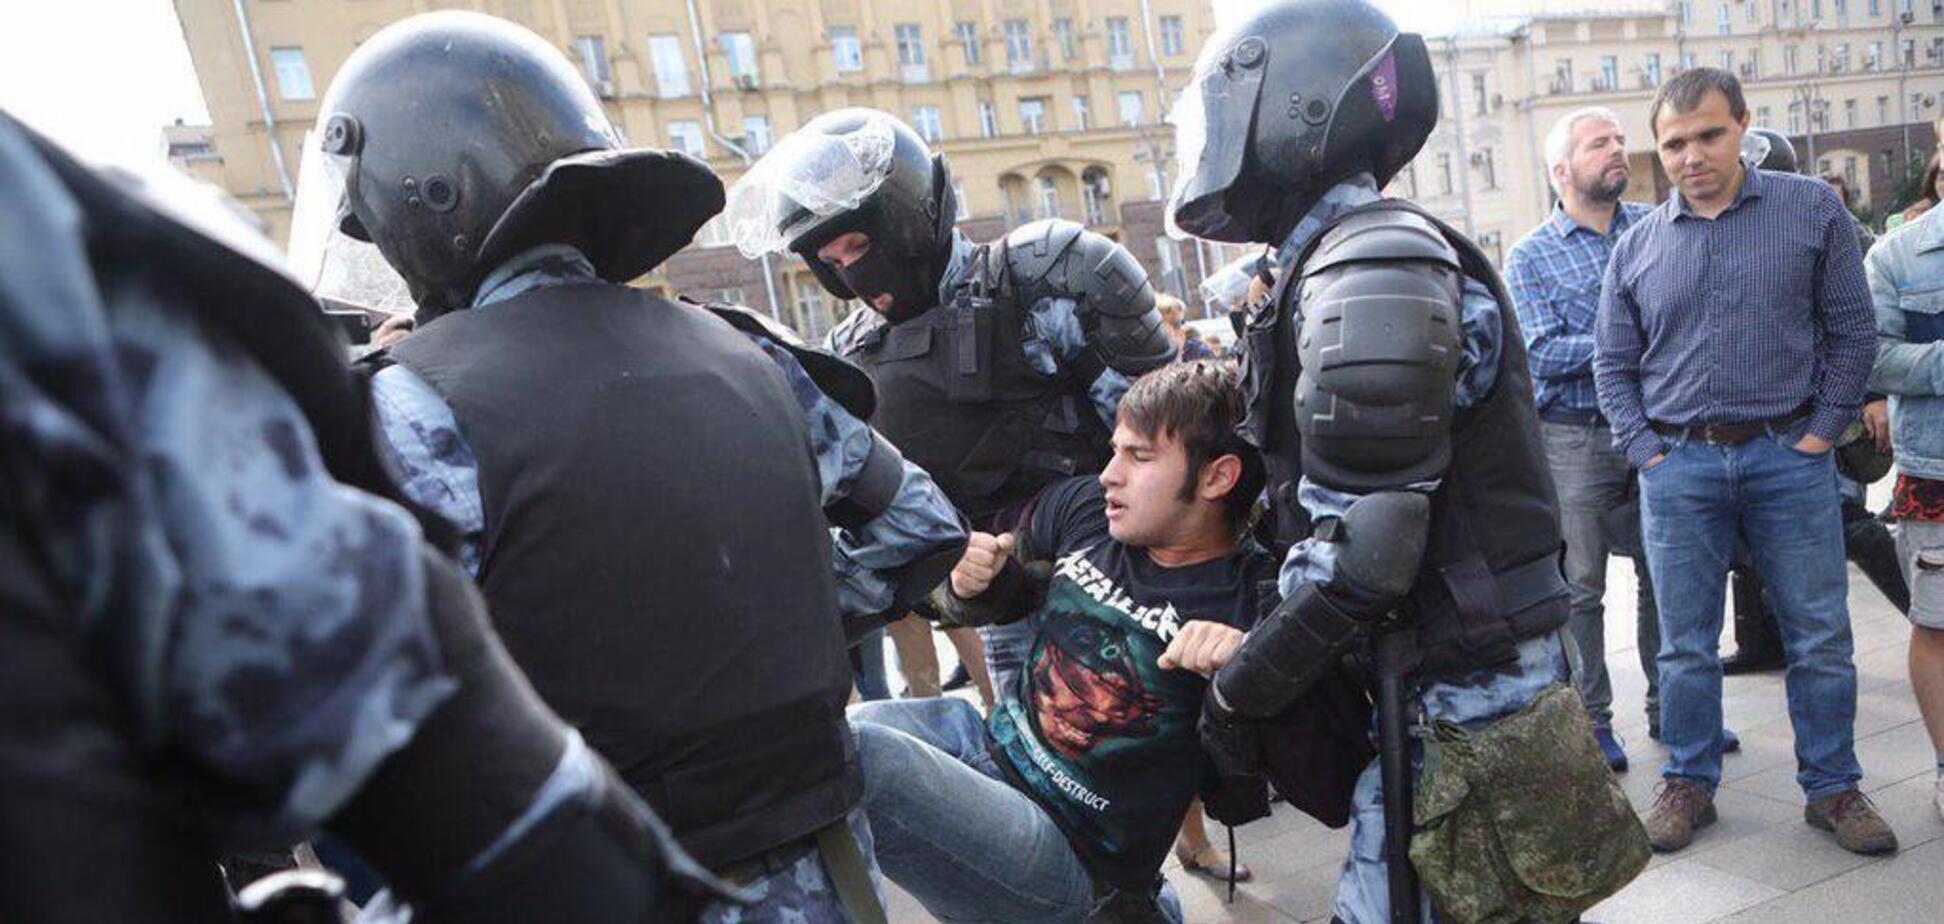 Масштабный митинг в Москве: все подробности, фото и видео